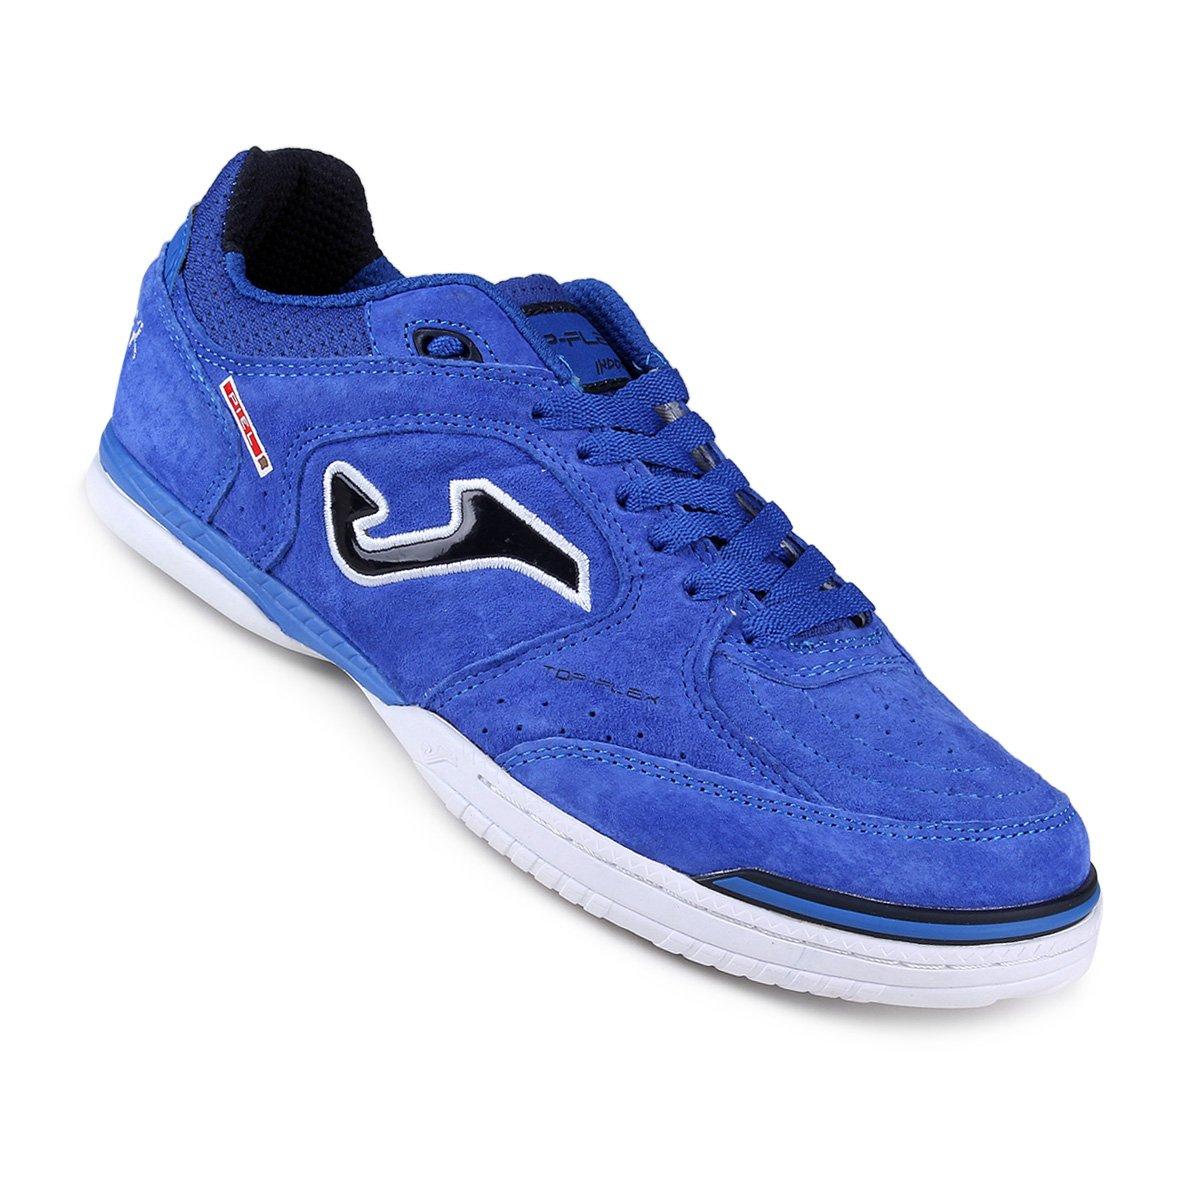 bf68f68d85a Chuteira Futsal Joma Top Flex - Azul e Branco - Compre Agora ...